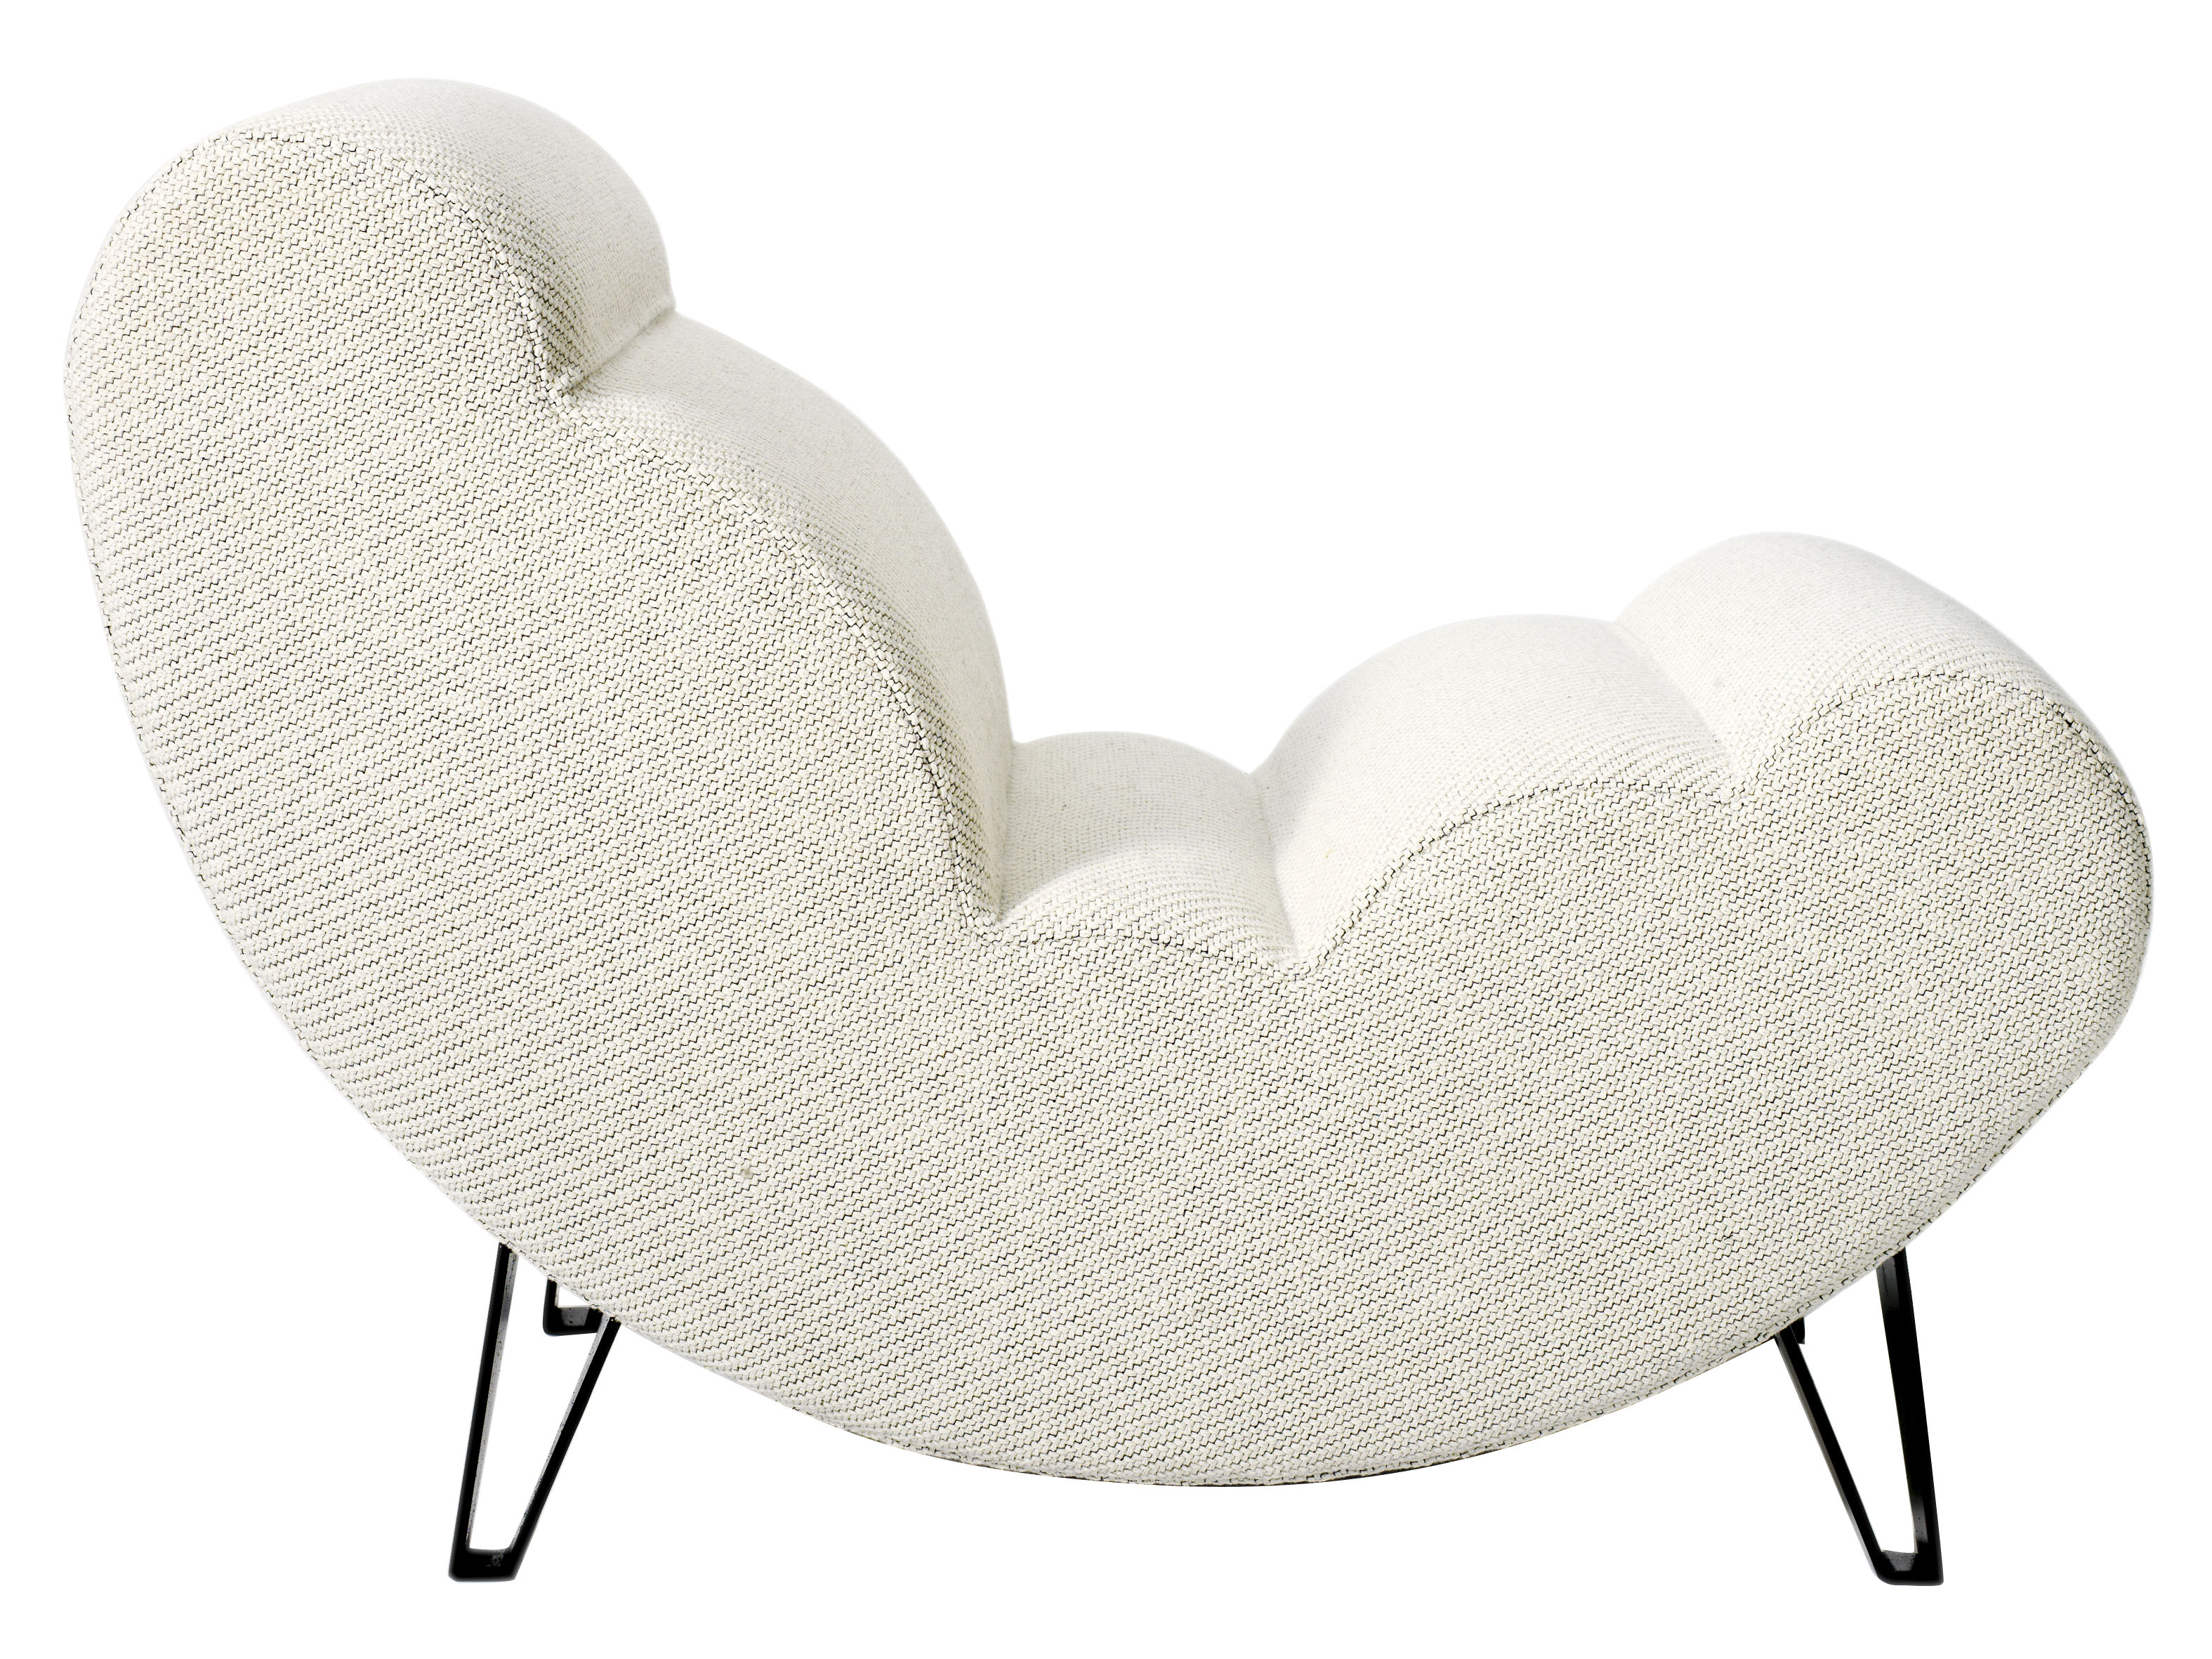 Mobilier - Fauteuils - Fauteuil Cloud - Design House Stockholm - Beige - Acier laqué, Tissu